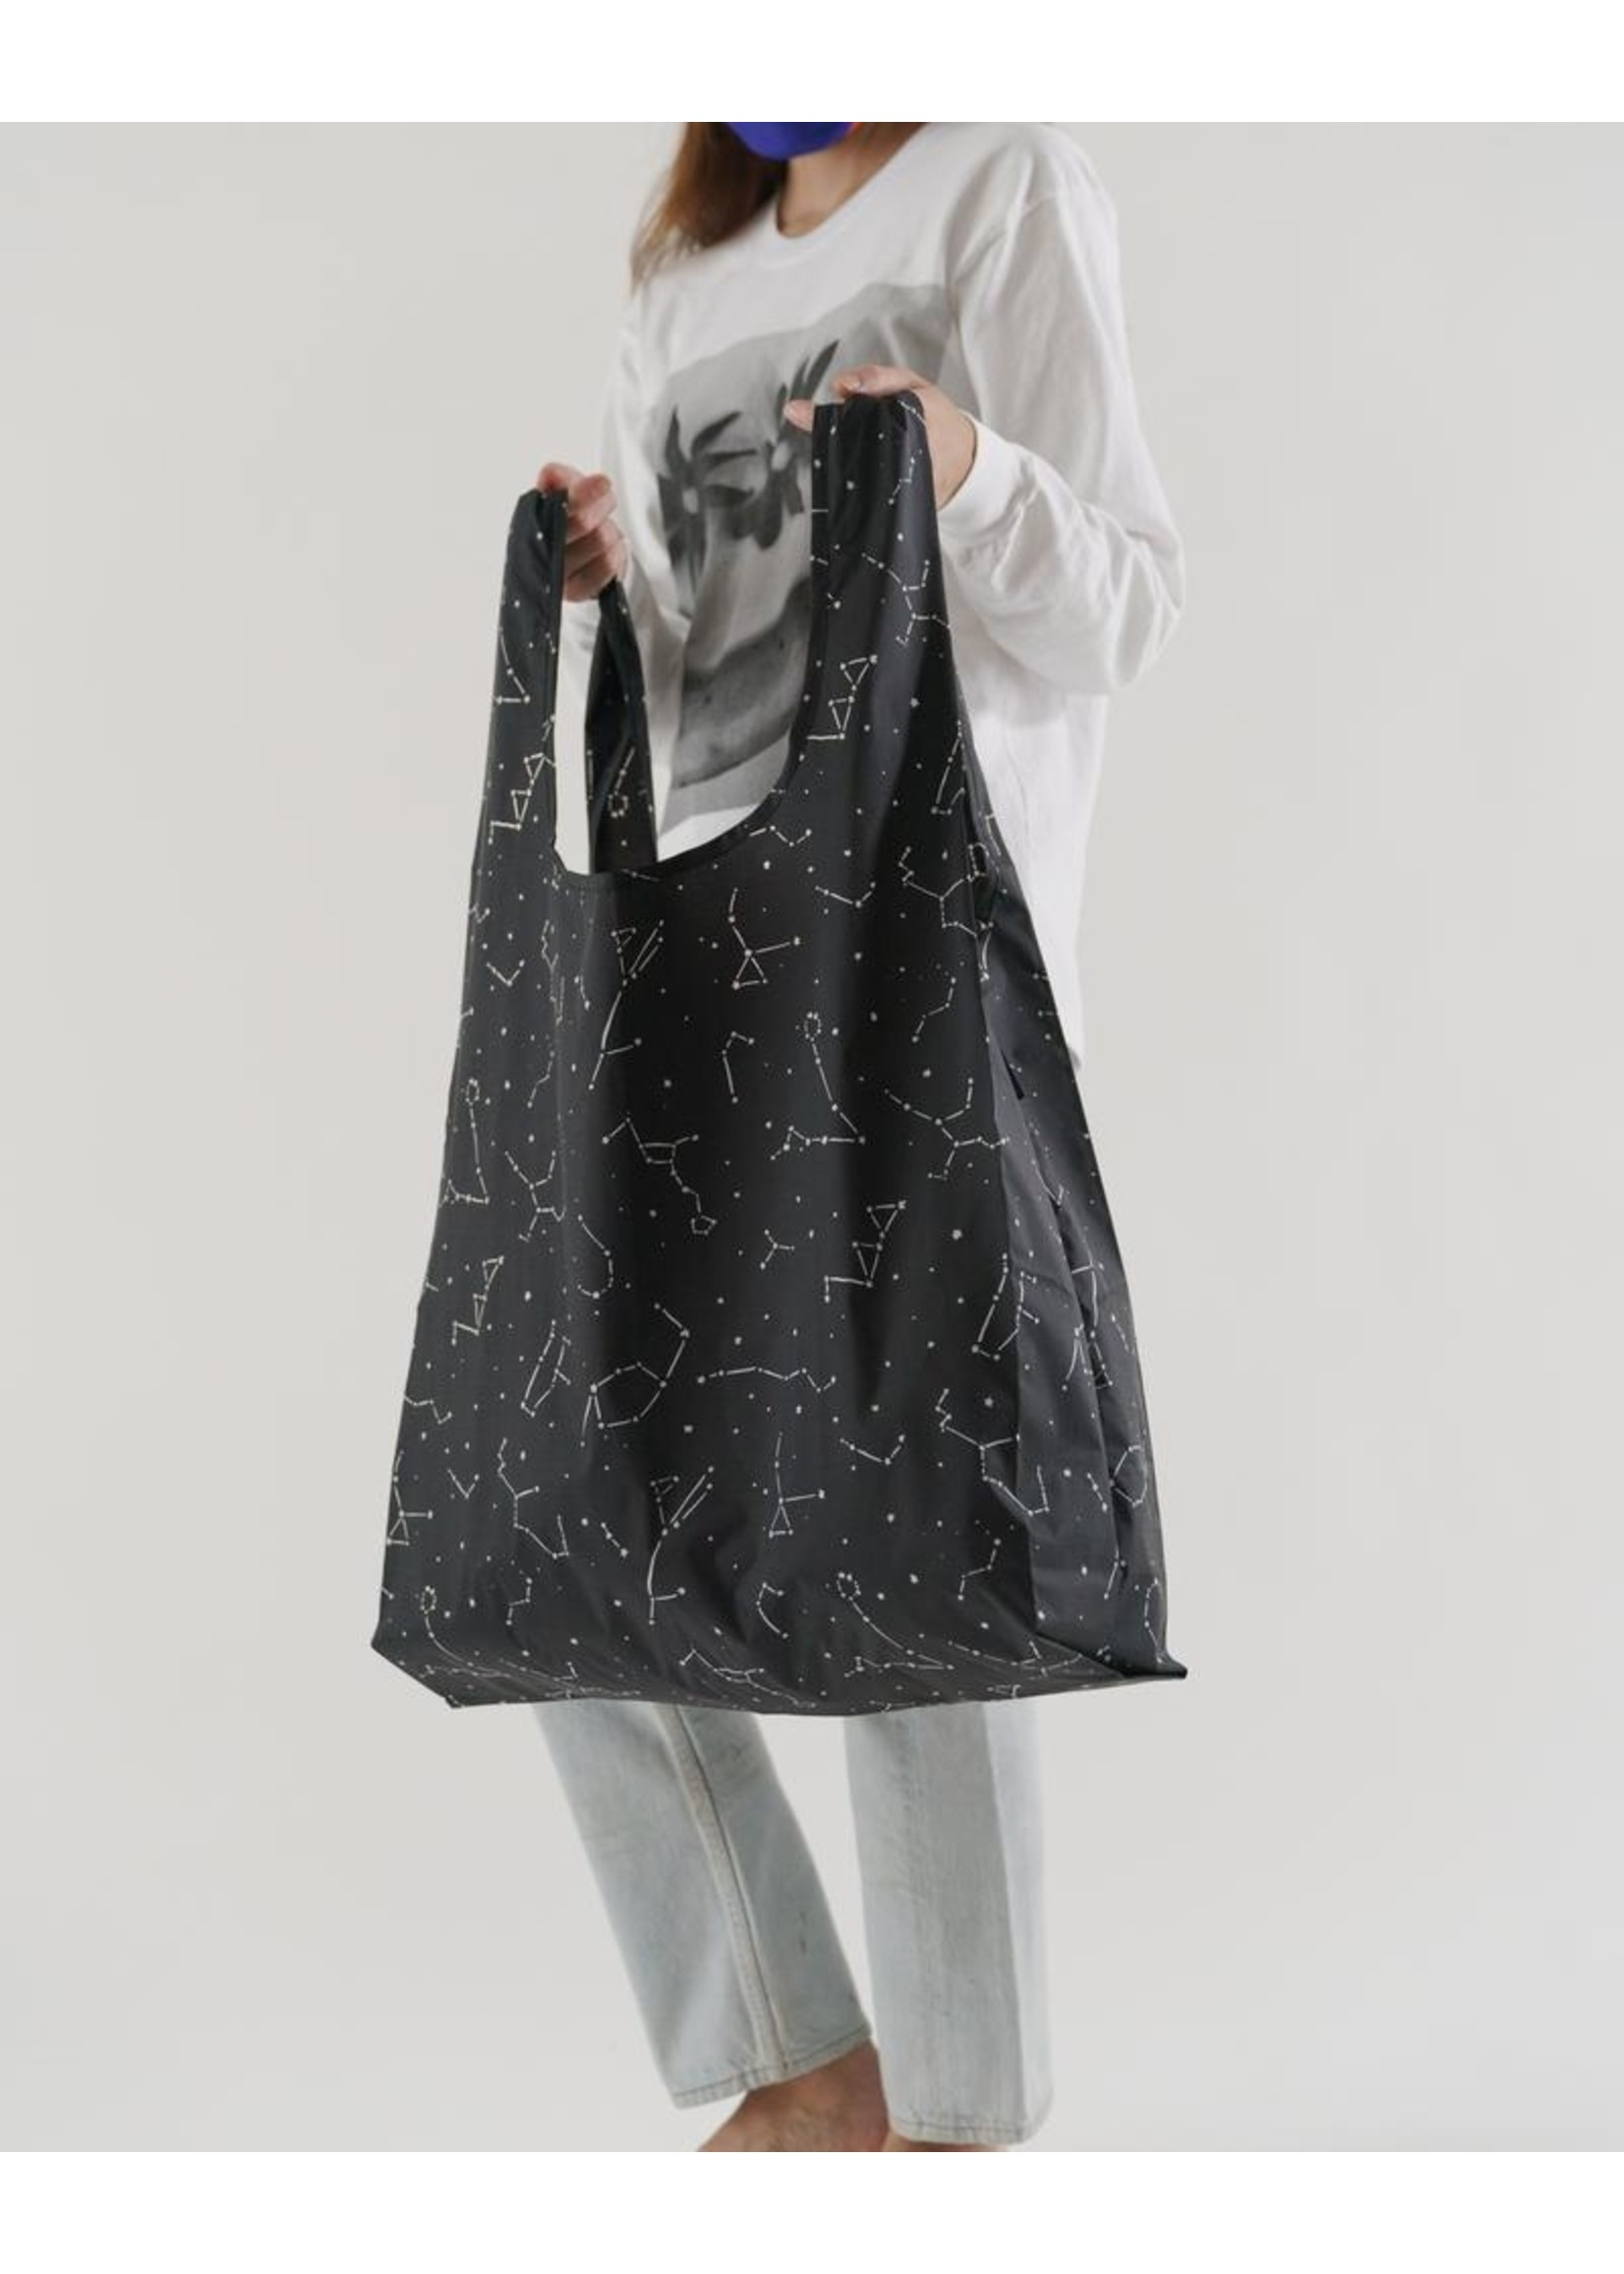 Baggu Baggu Big Baggu Reusable Bag - Black Constellation